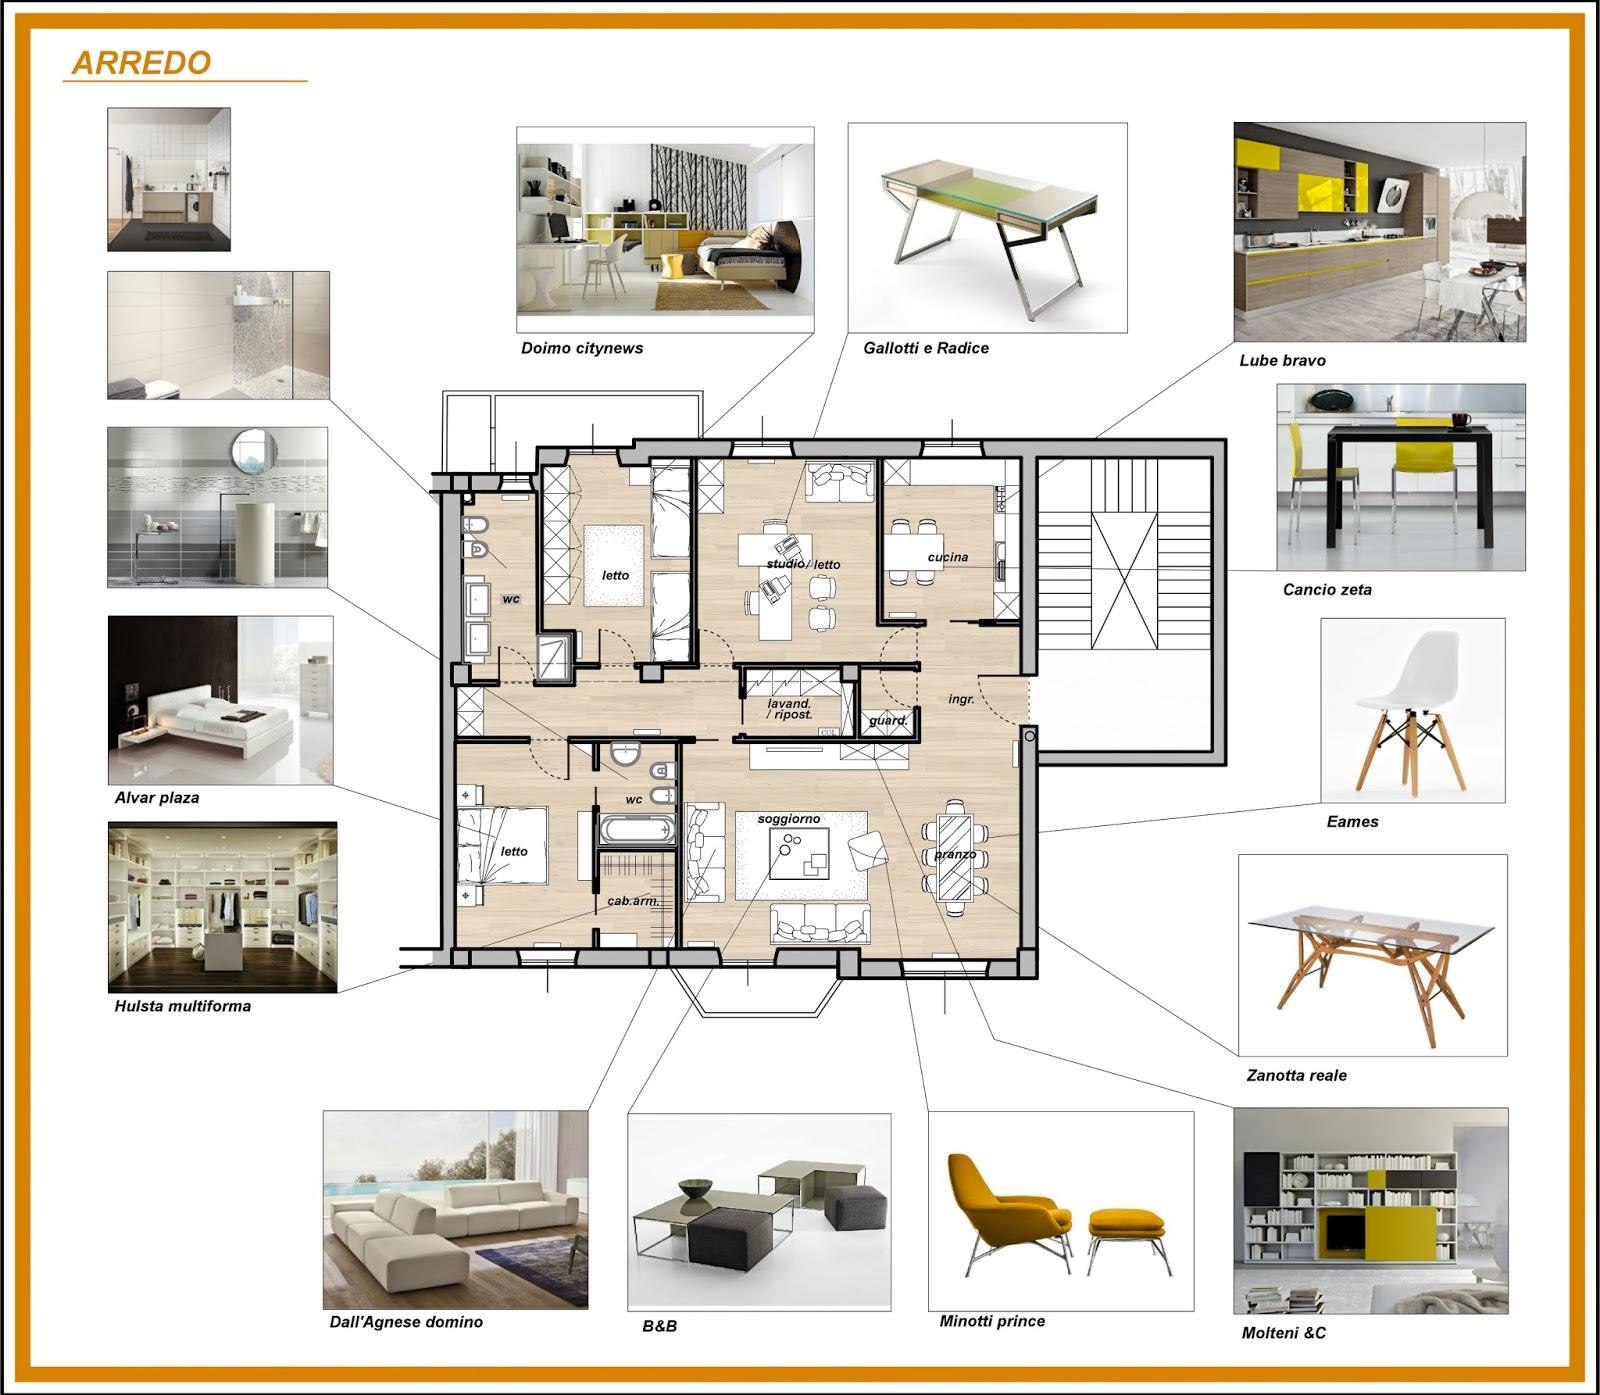 Arredamento e dintorni ristrutturazione appartamento anni for Progetti di ristrutturazione appartamenti